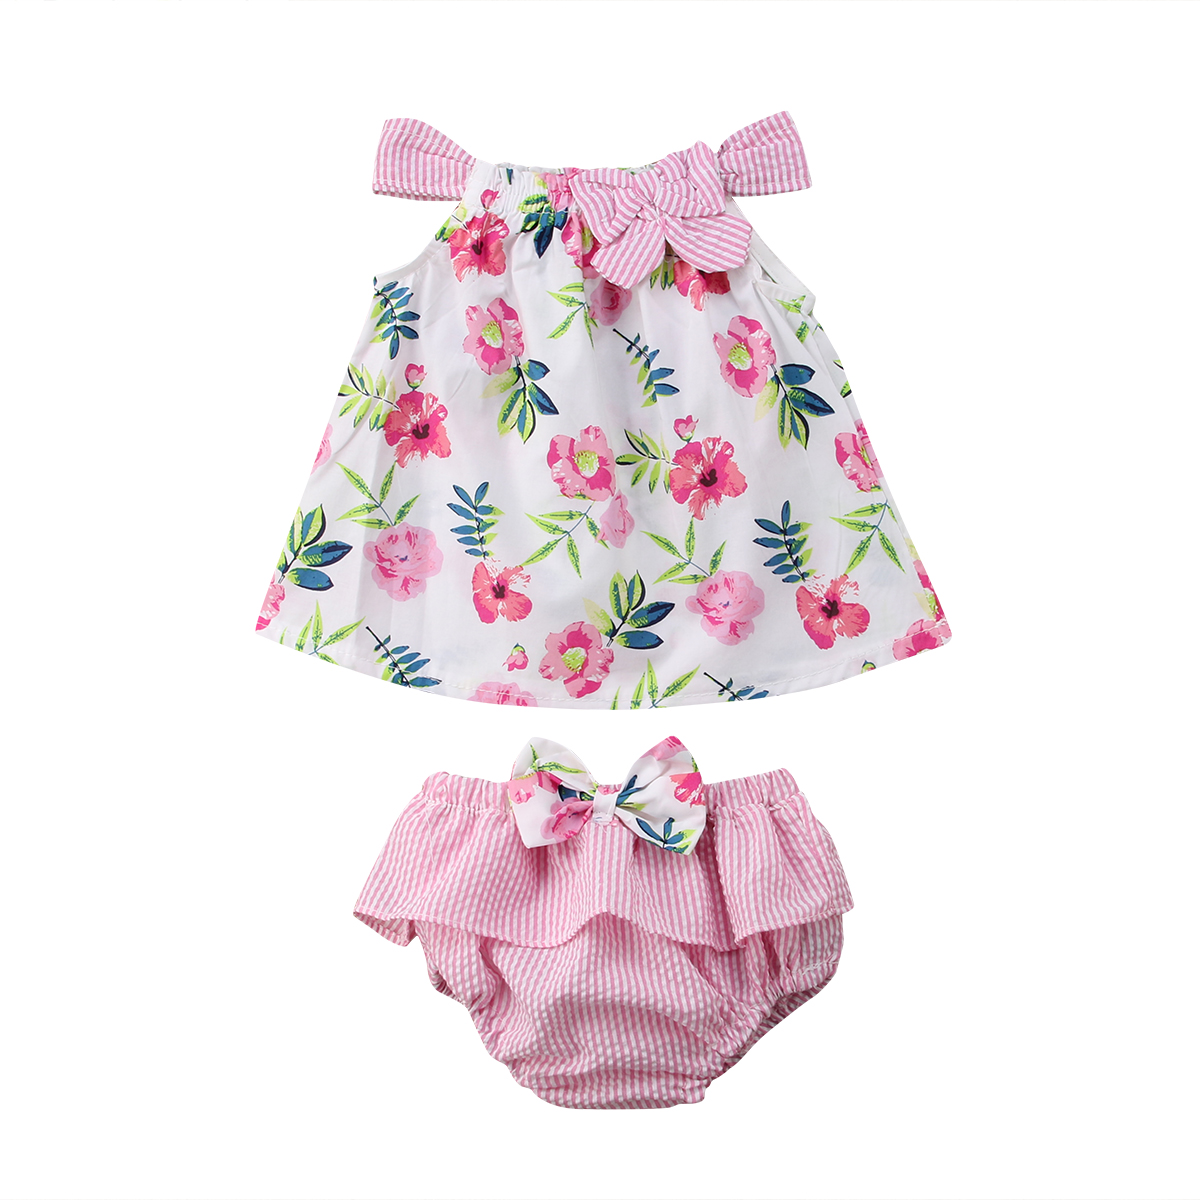 Одежда для малышей Детские милые девушки Лето синий/розовые цветочные топы без рукавов + брюки 2 шт. Костюмы Летний костюм для детей 0–3 лет